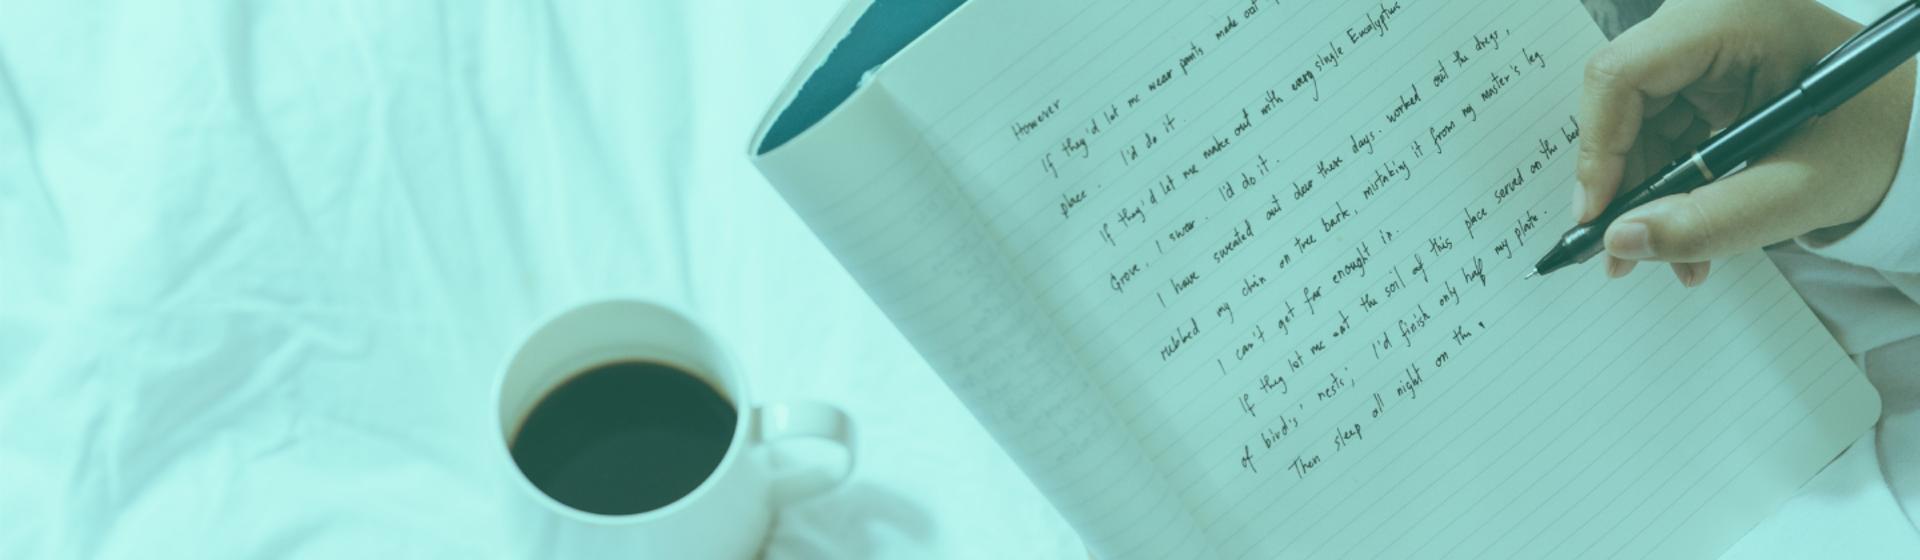 ¿Qué es un retrato escrito? Dale vida a tus personajes con estos tips de escritura